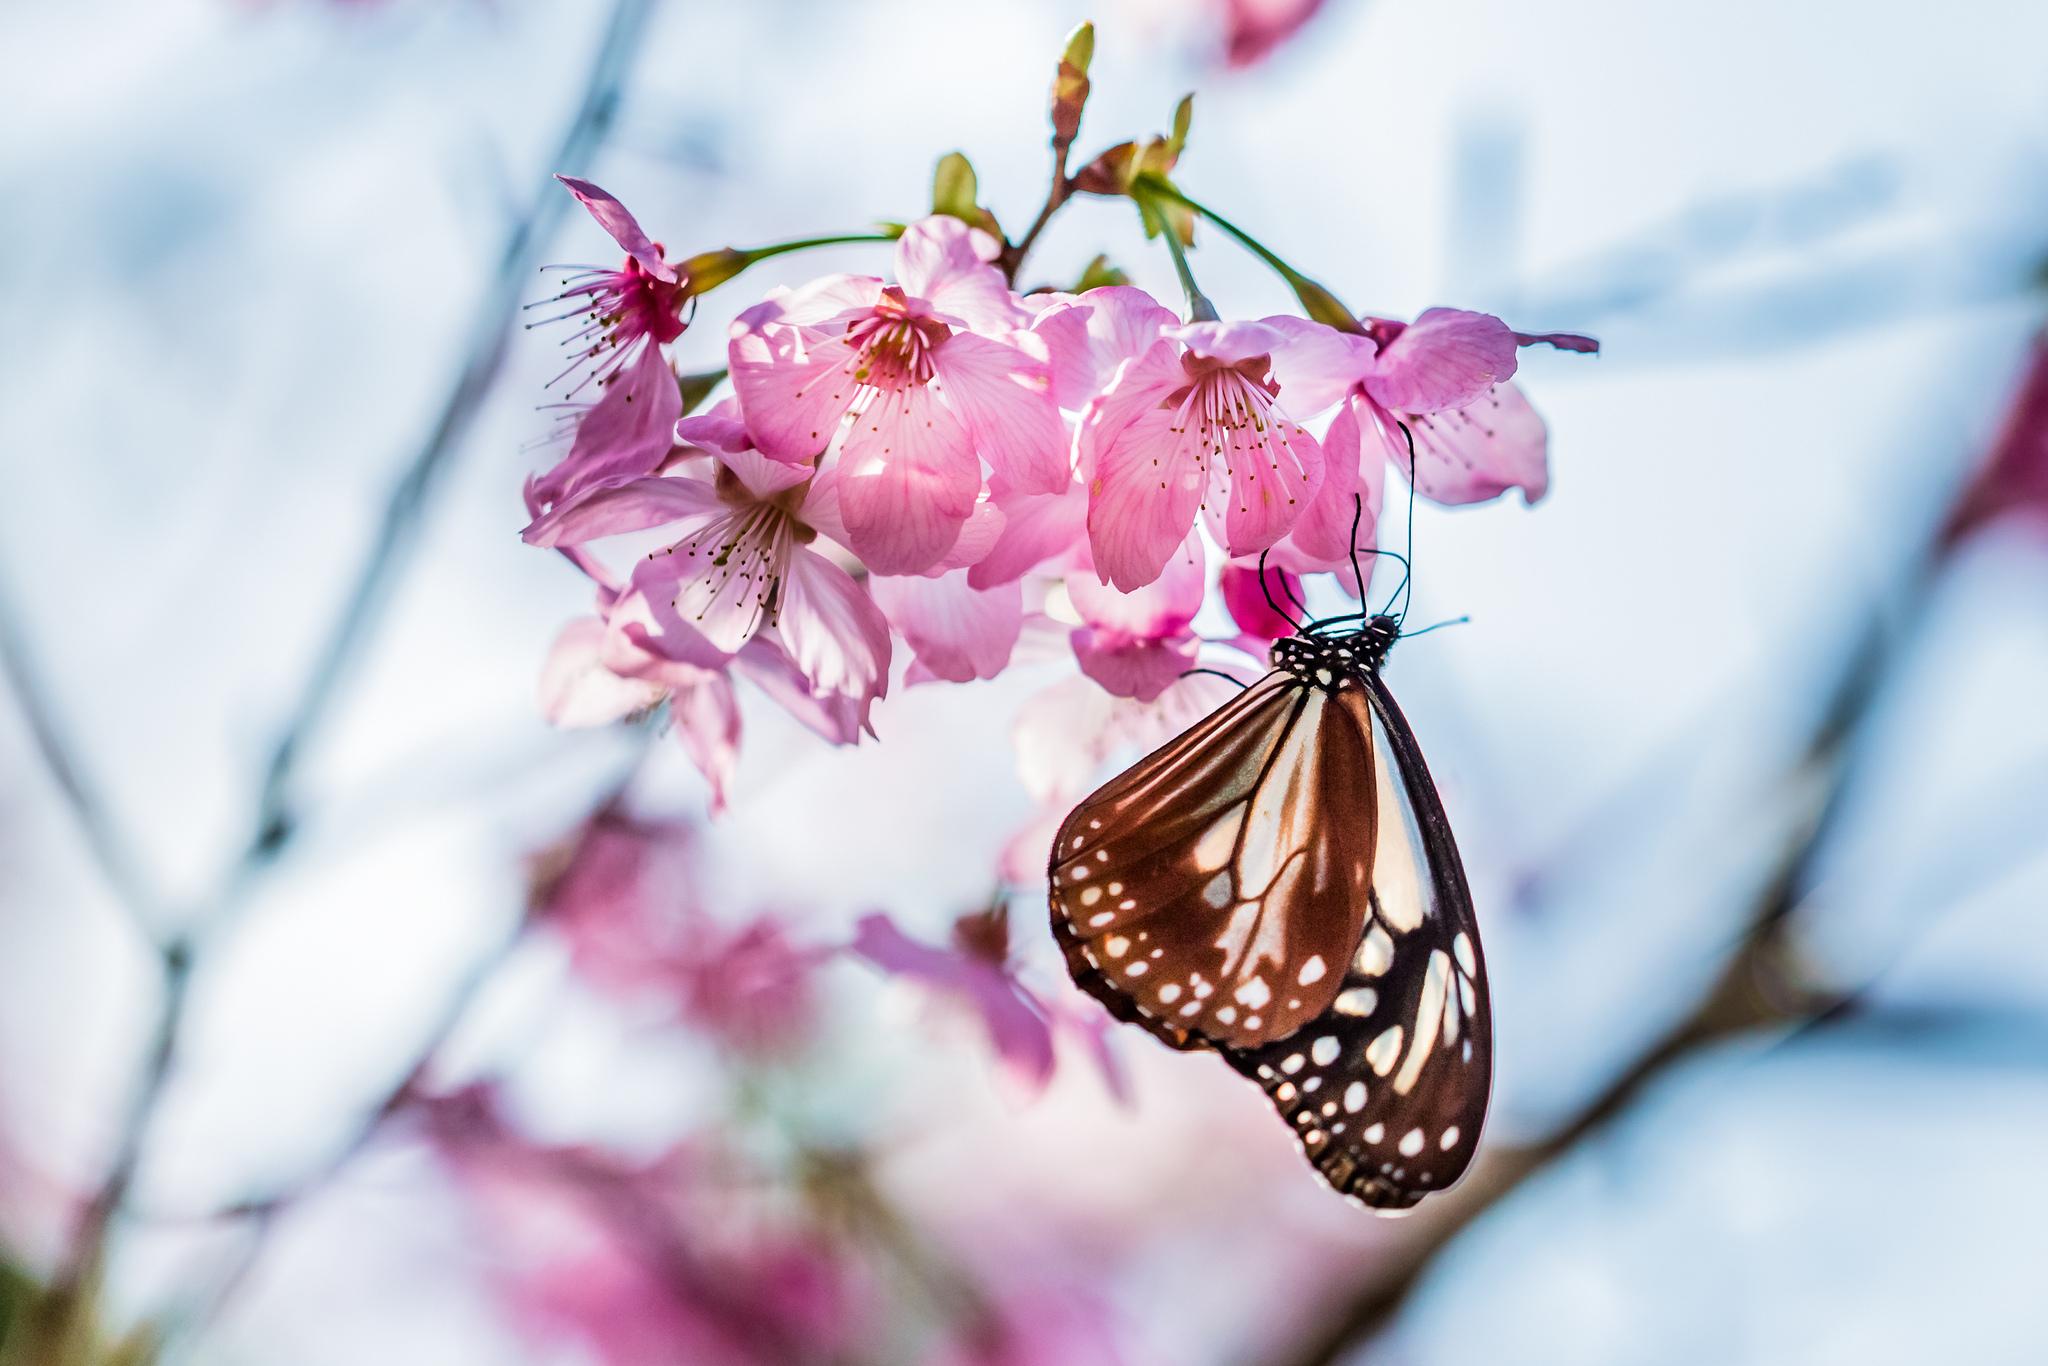 Бабочки подлетающие к цветкам  № 2991730 загрузить